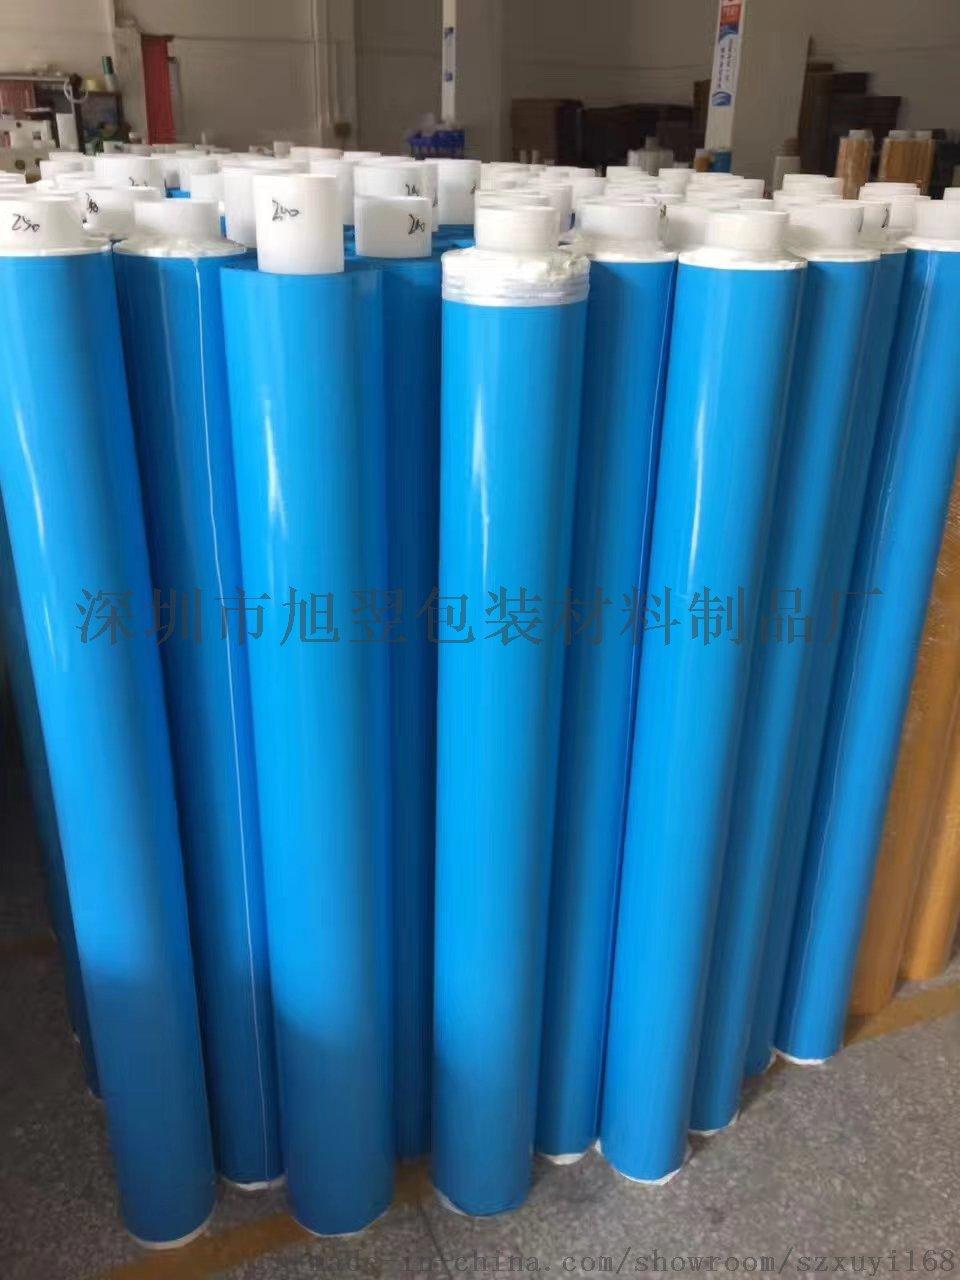 生产 led灯条导热双面胶 铝基板模具散热胶带43938622